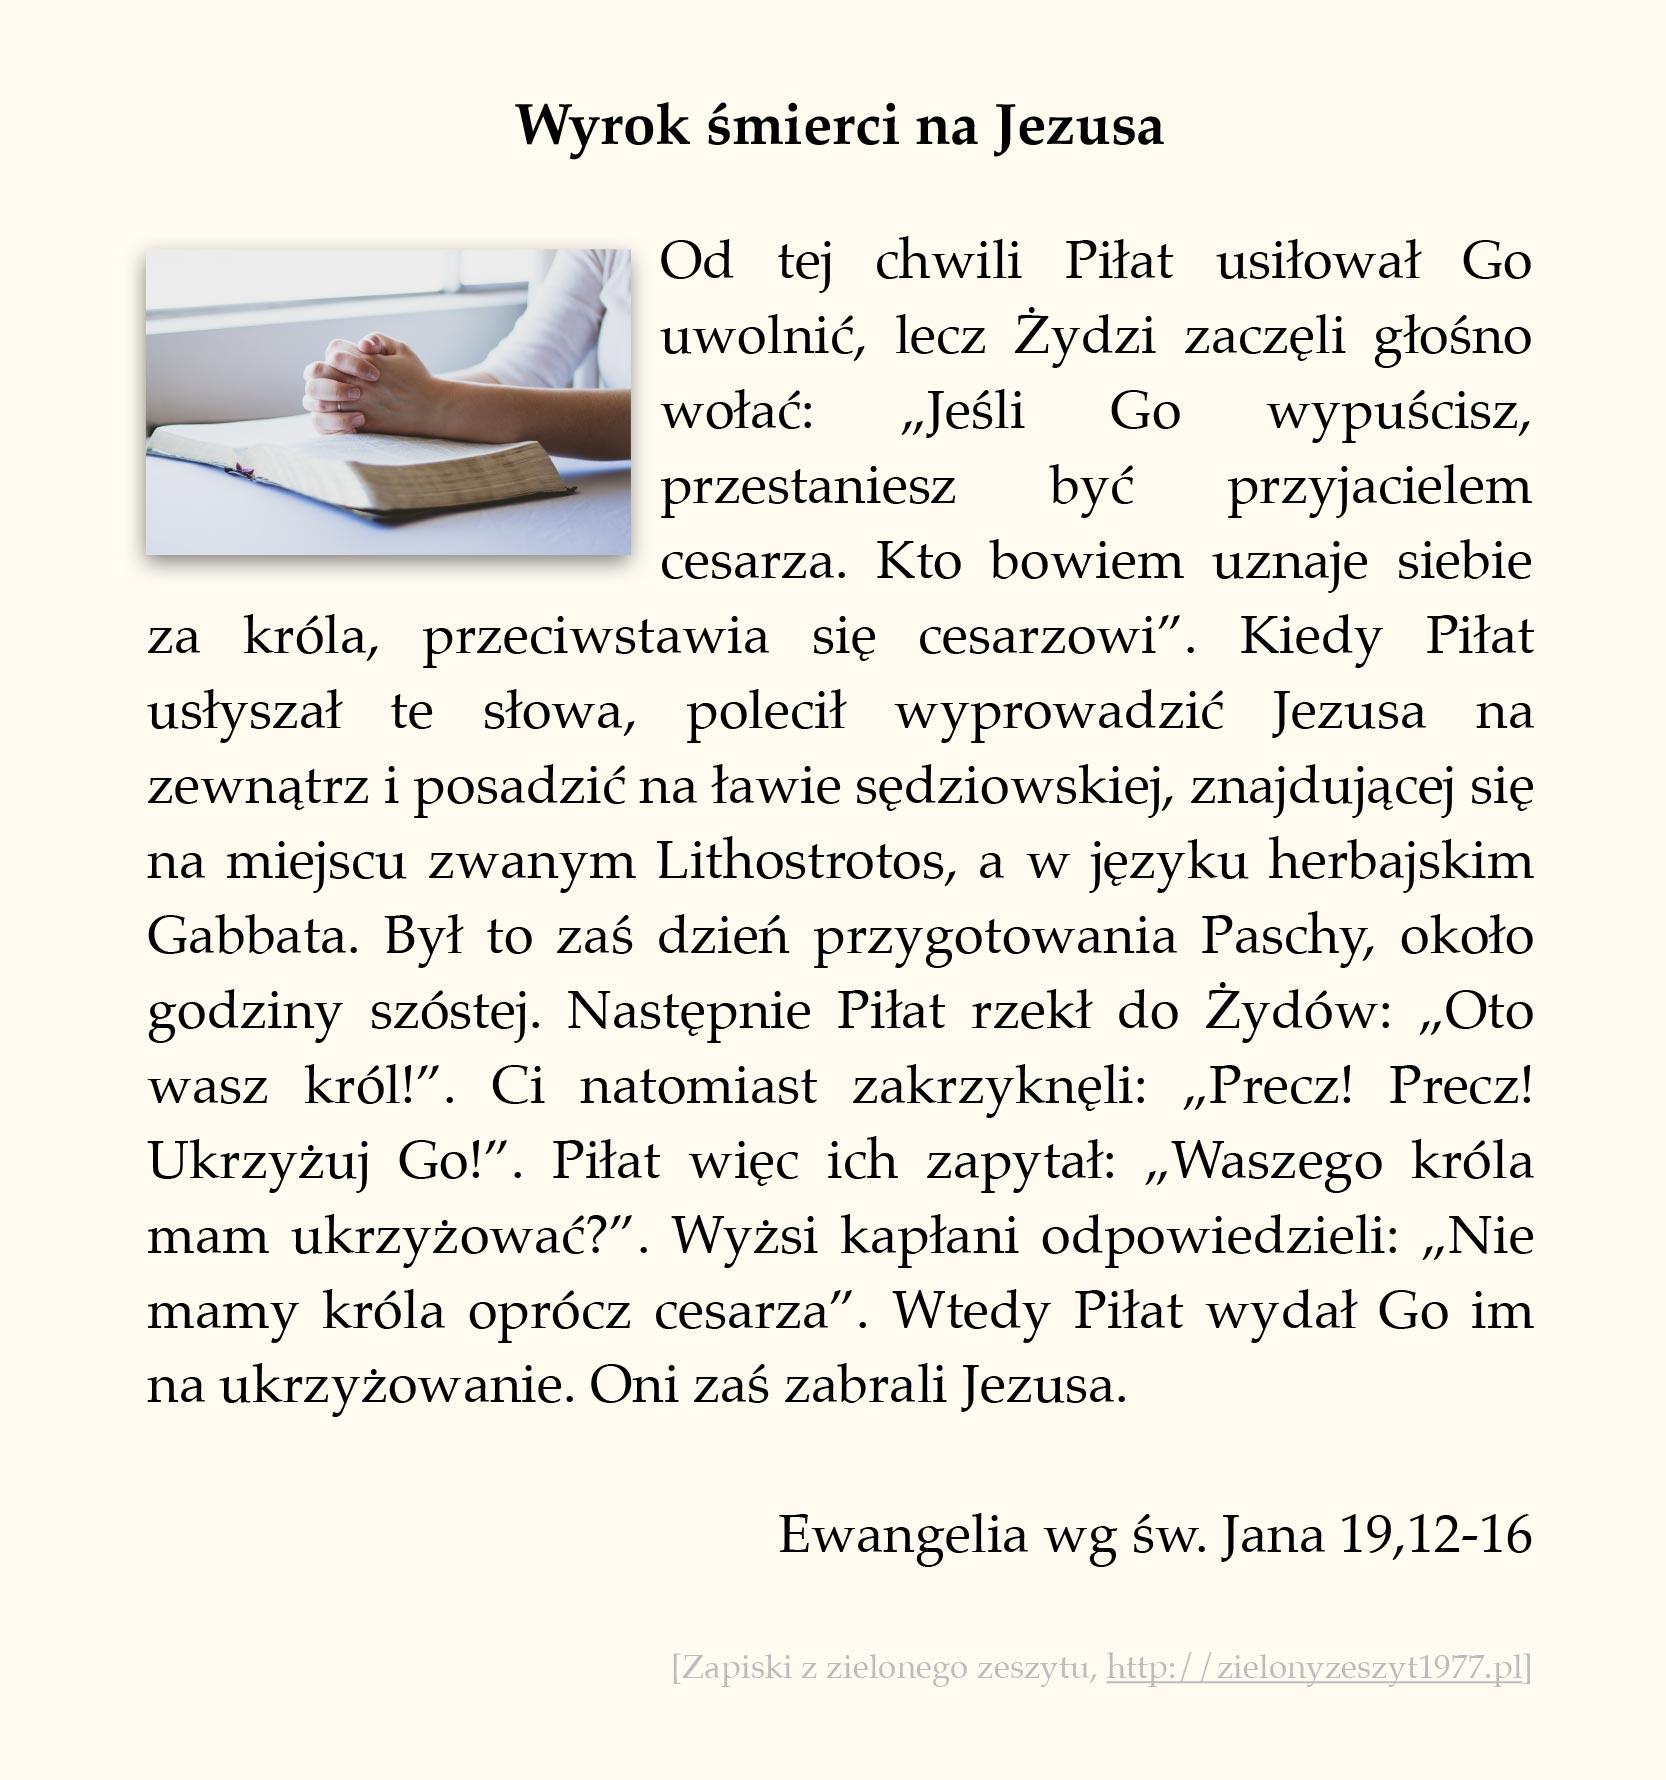 Wyrok śmierci na Jezusa, Ewangelia wg św. Jana (#91)